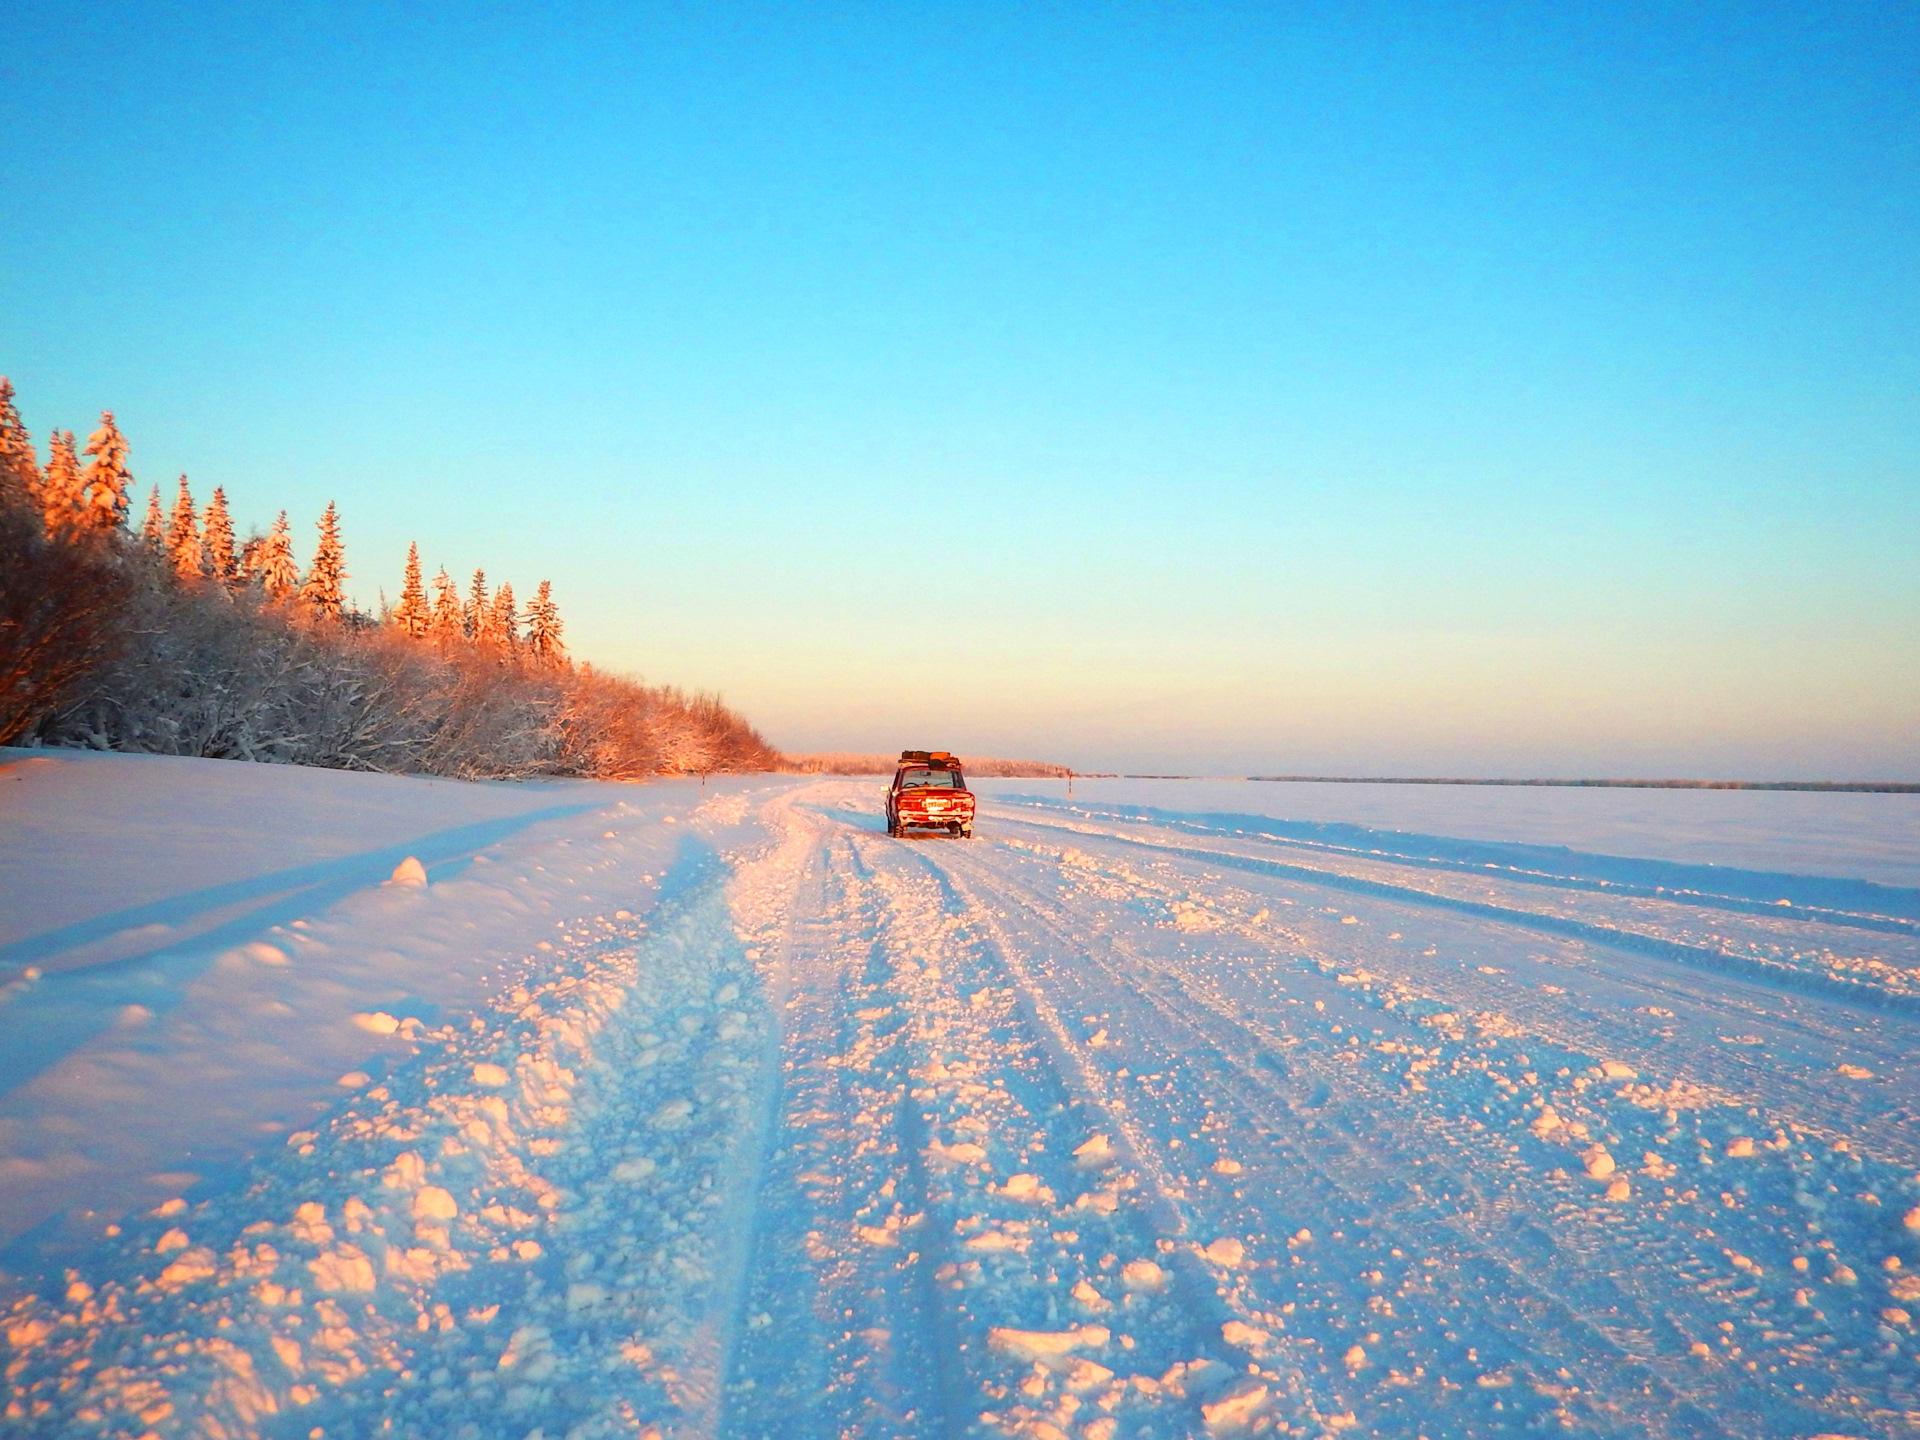 картинки счастливого пути на машине зимой можете купить новый